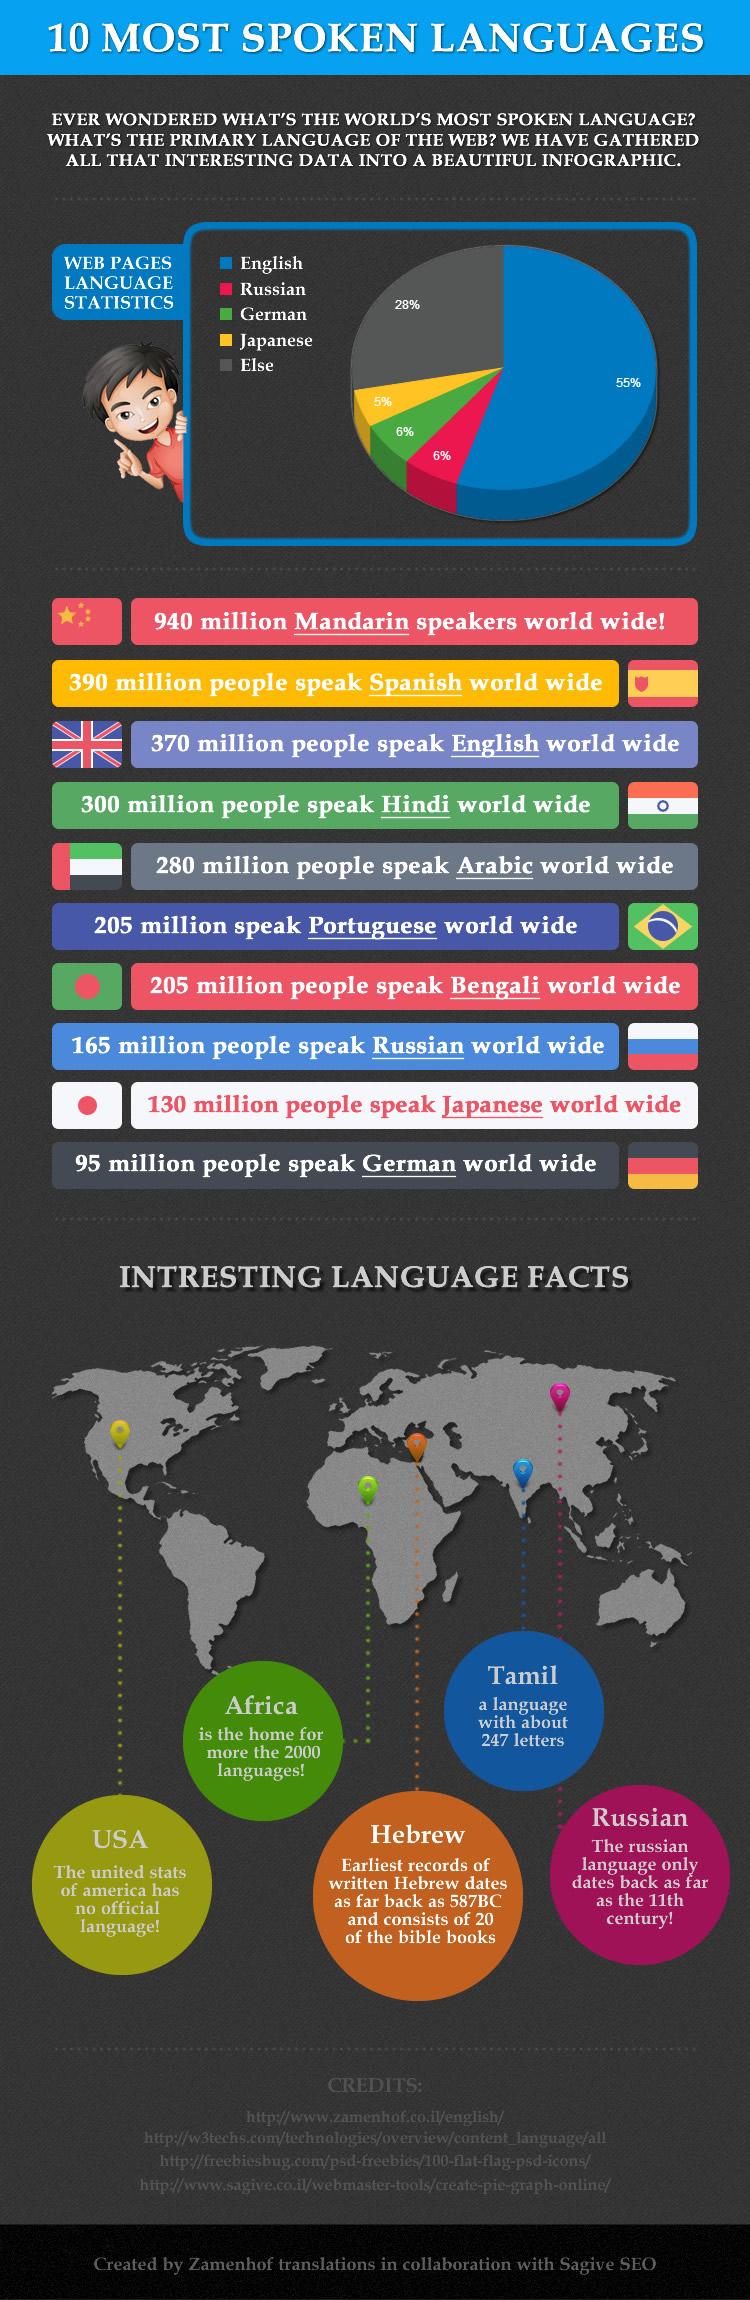 אינפוגרפיק 10 שפות פופולריות